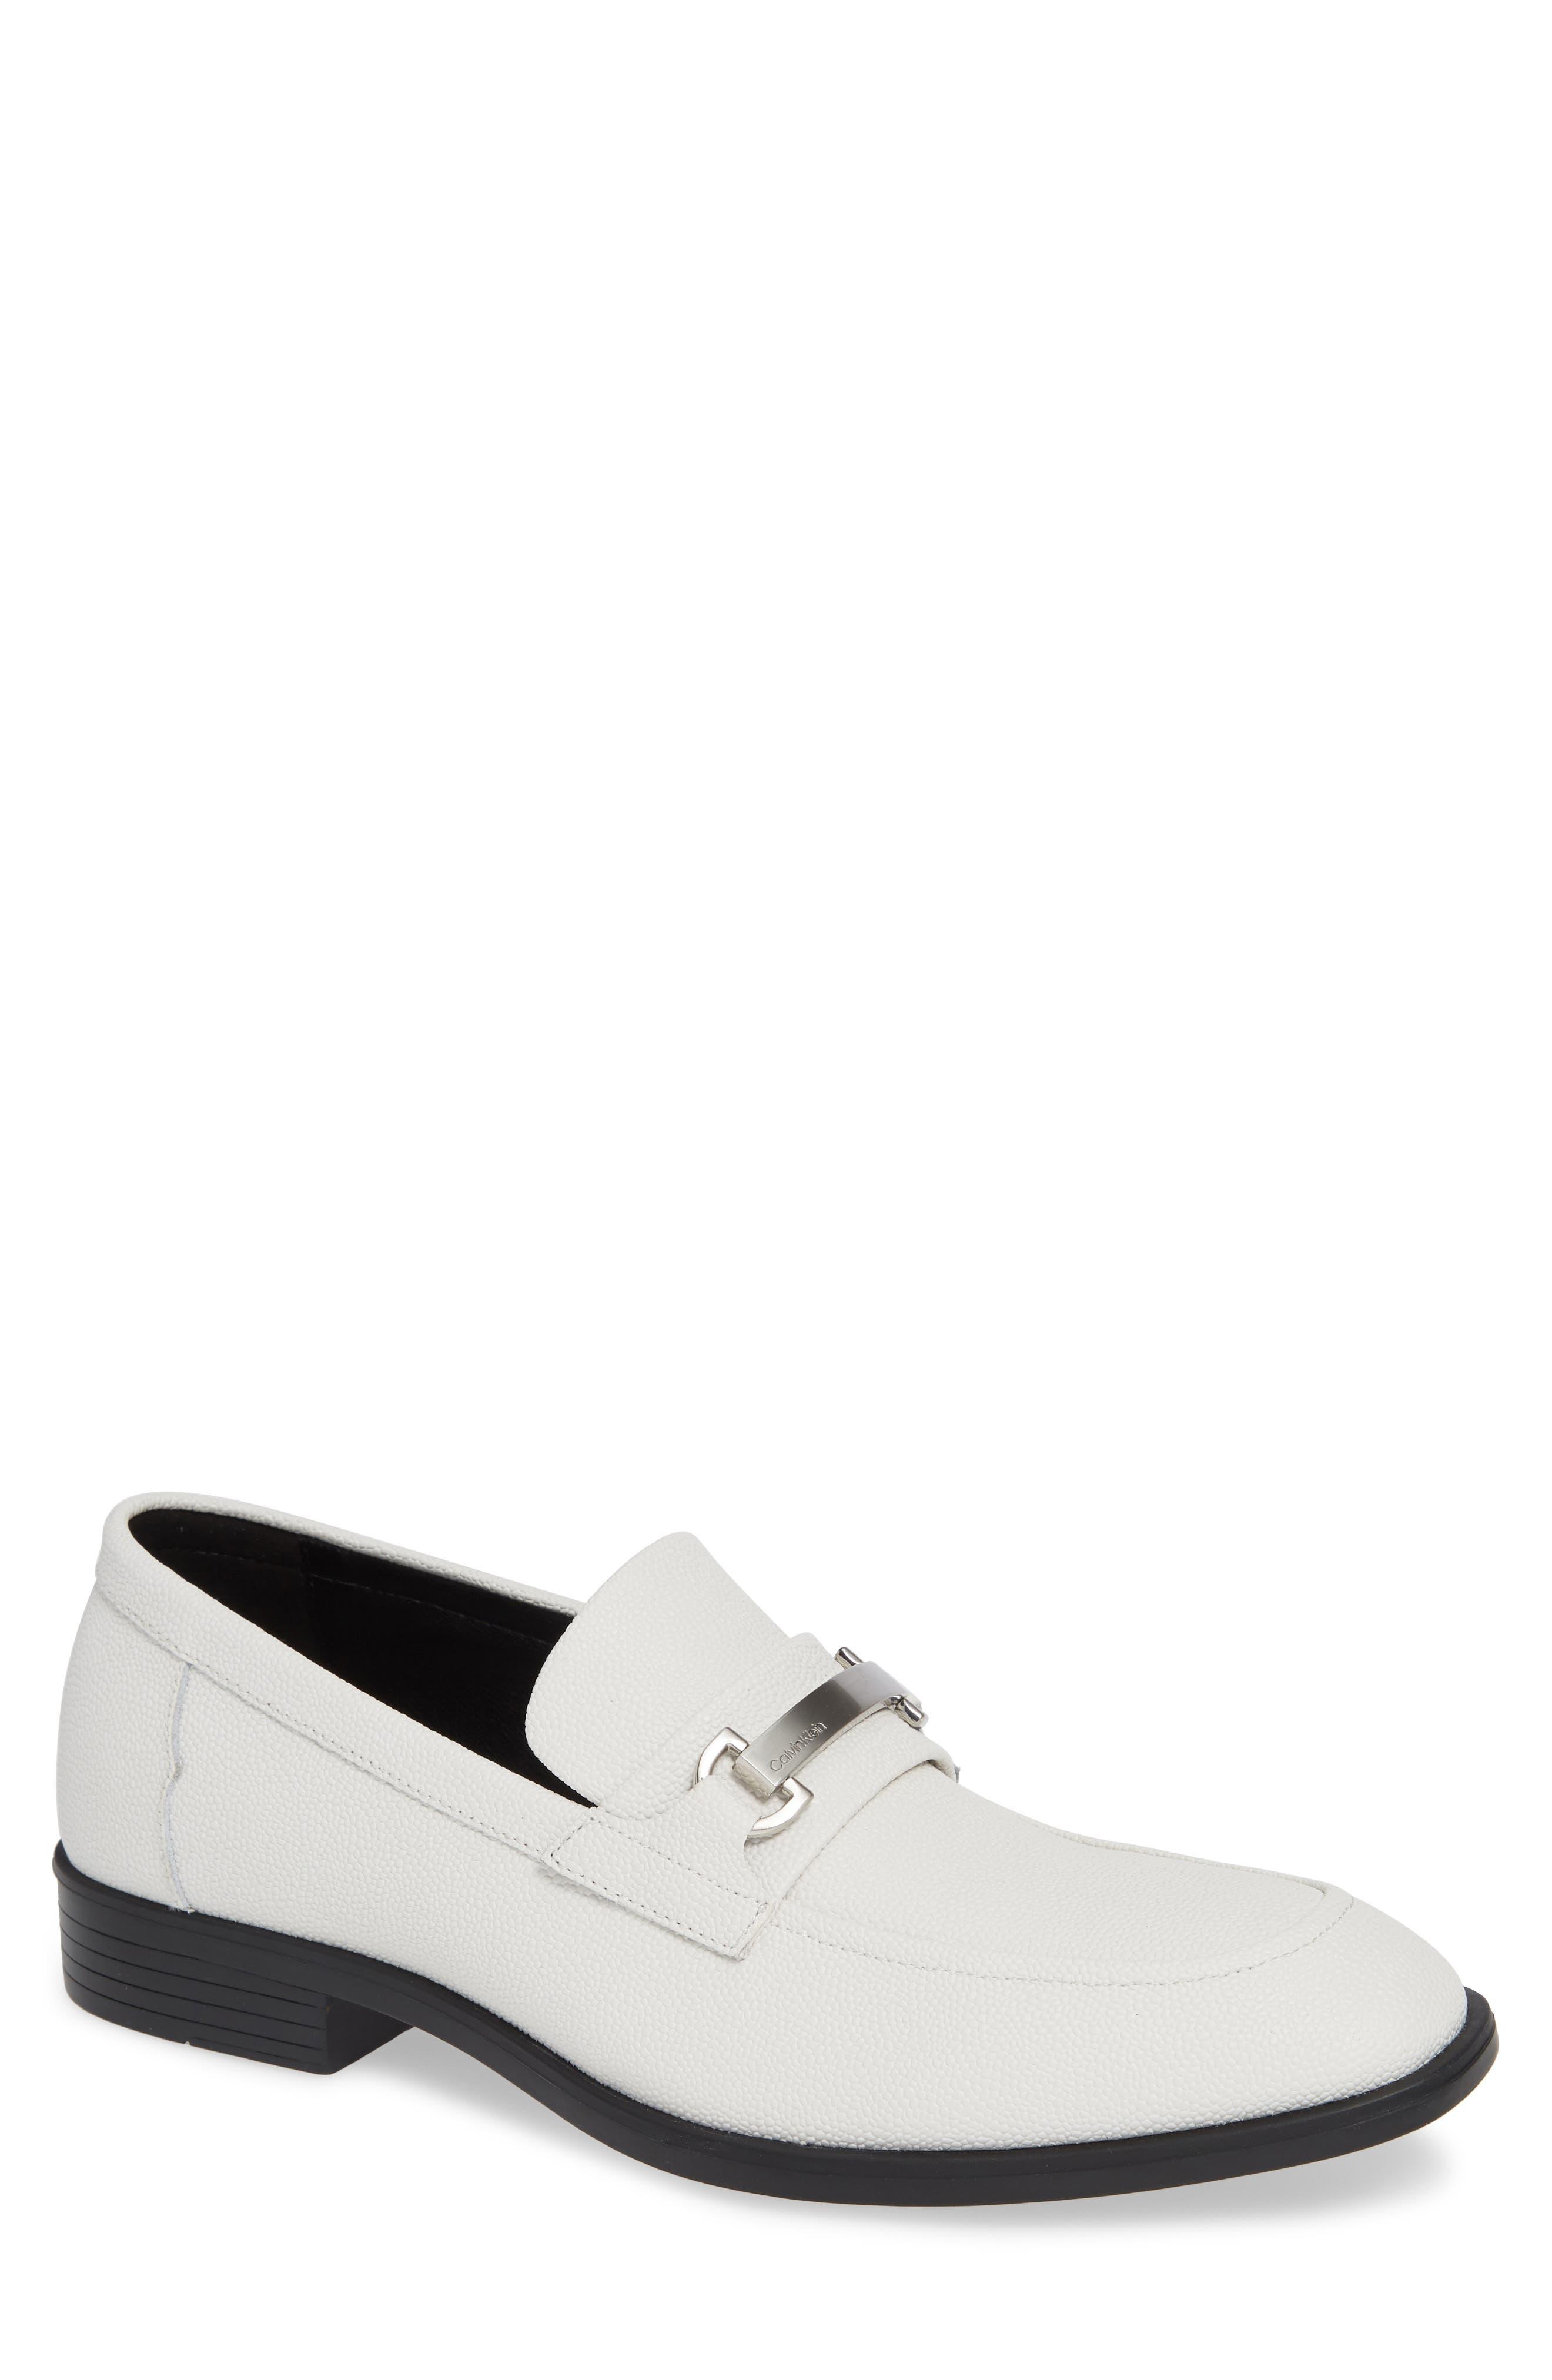 Calvin Klein Craig Bit Loafer, White